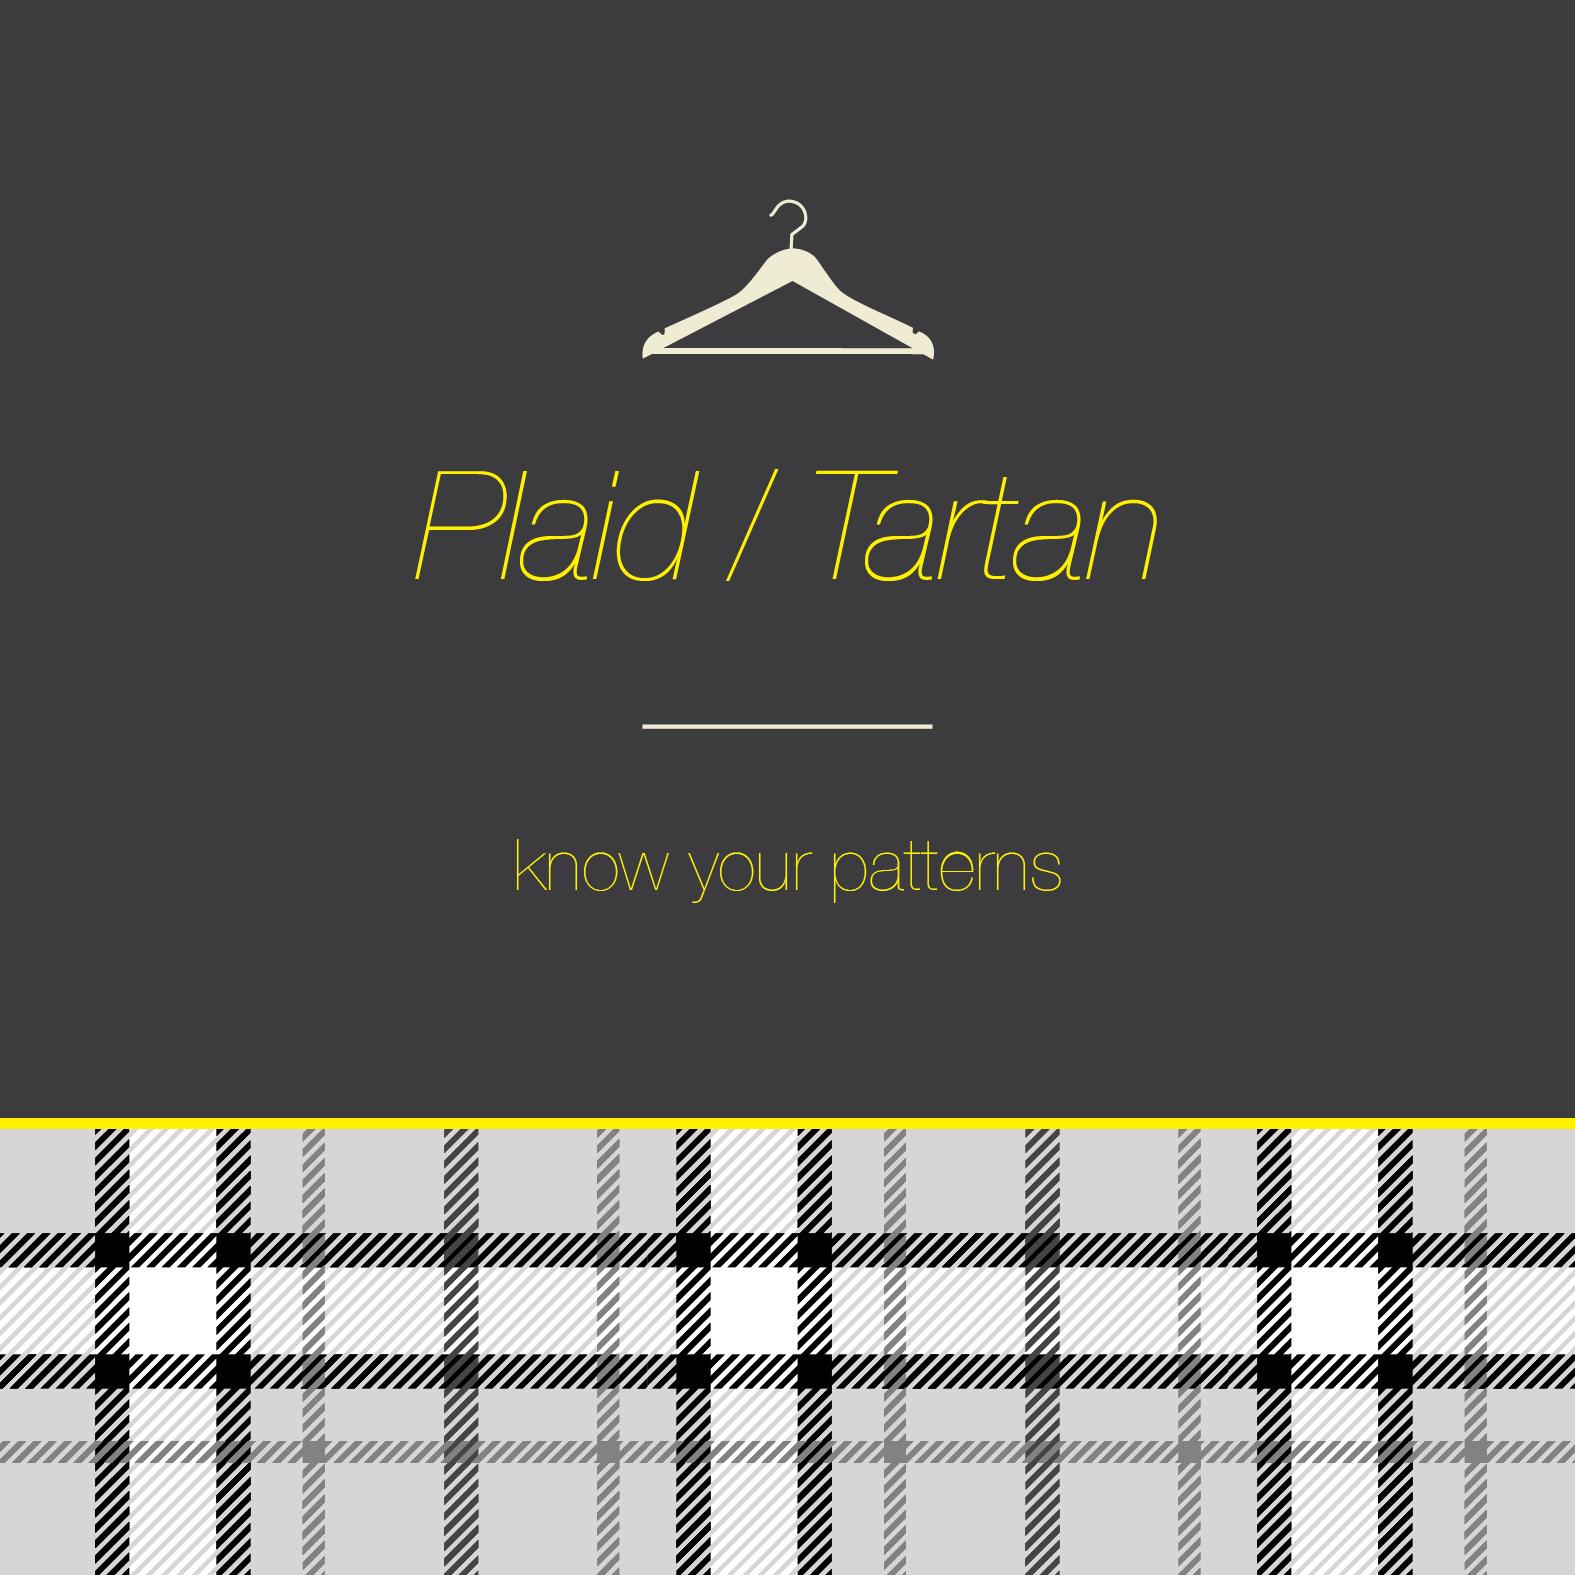 Plaid tartan know your patterns what my boyfriend wore Define plaid